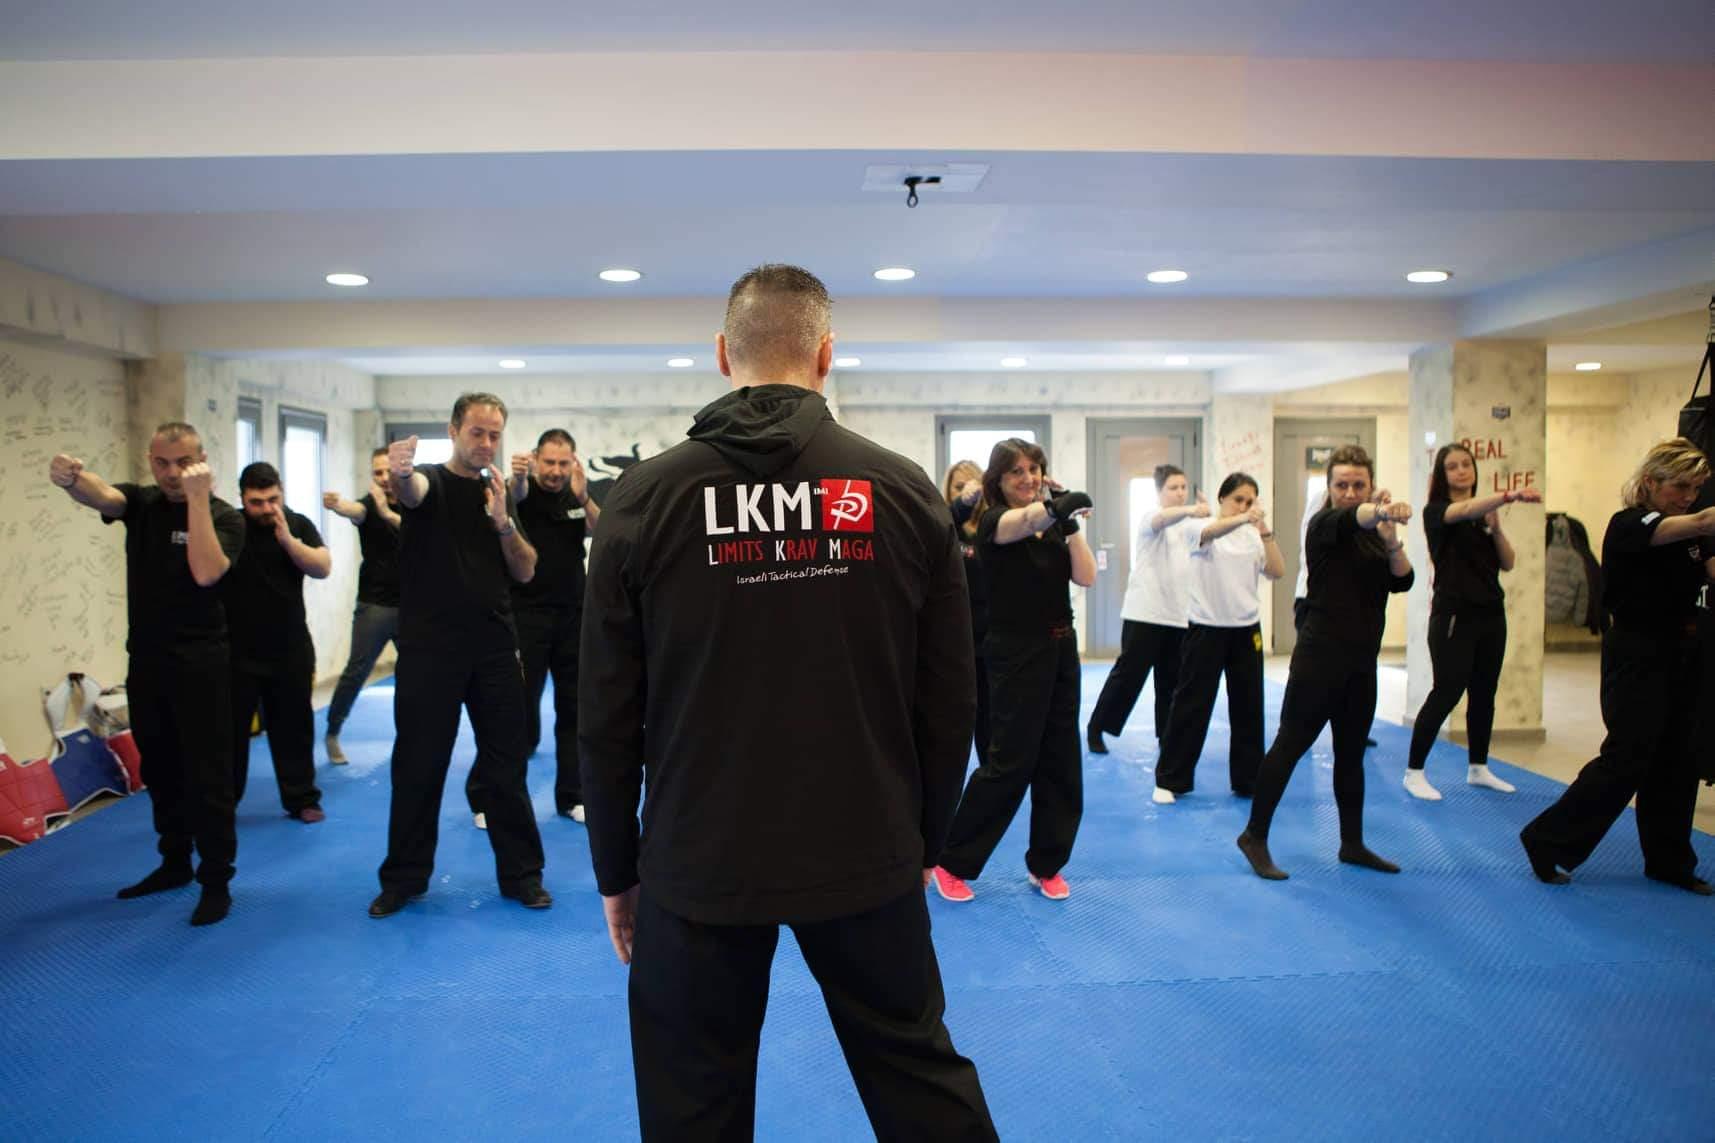 Το νέο εκπαιδευτικό πρόγραμμα της Limits Krav Maga